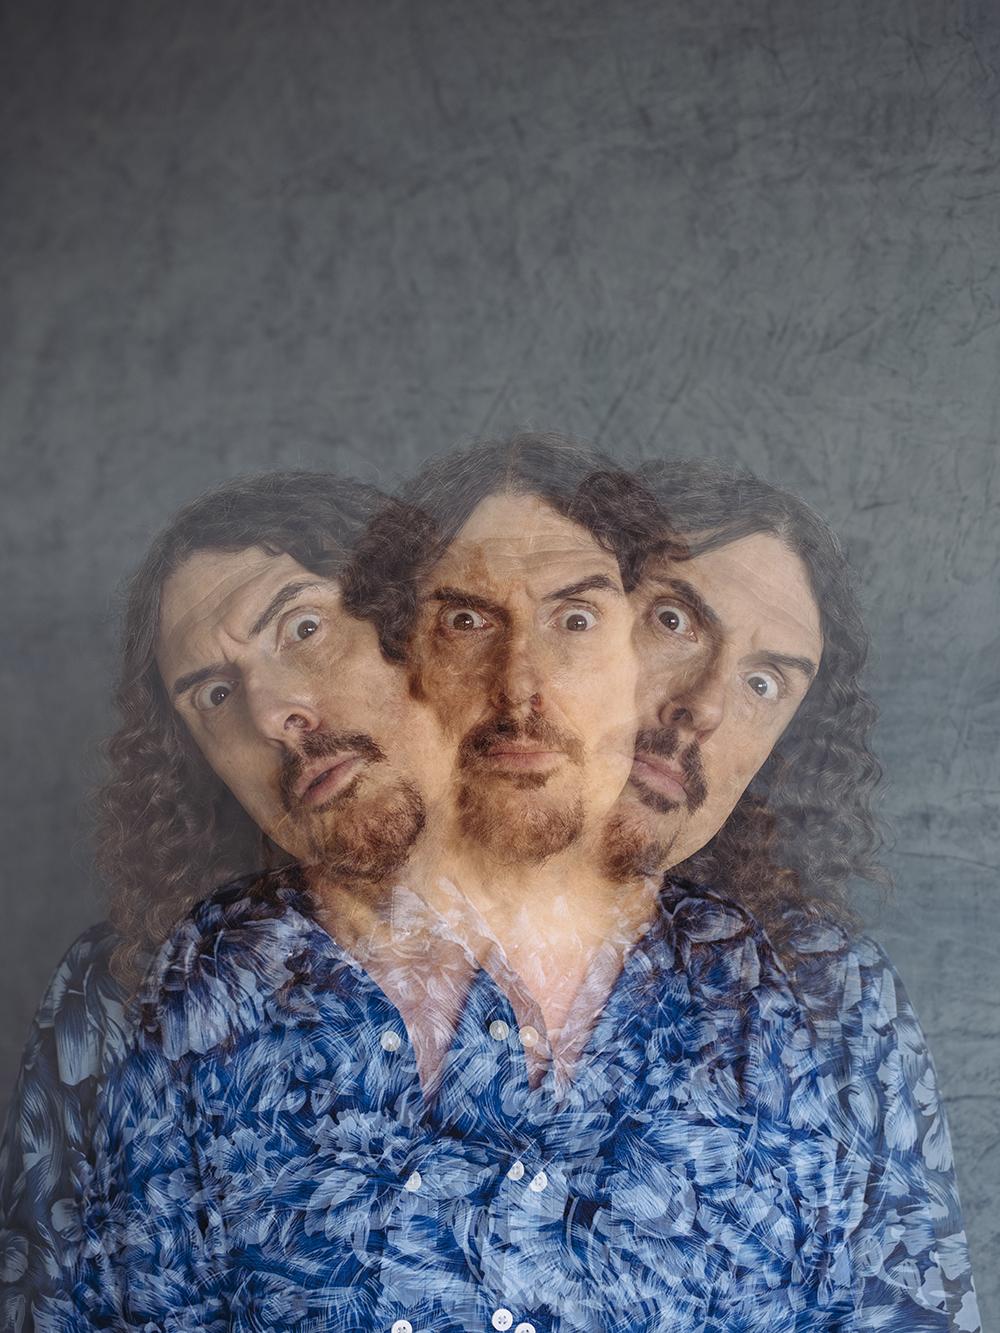 Brinson+Banks photograph Weird Al Yankovic at his ...